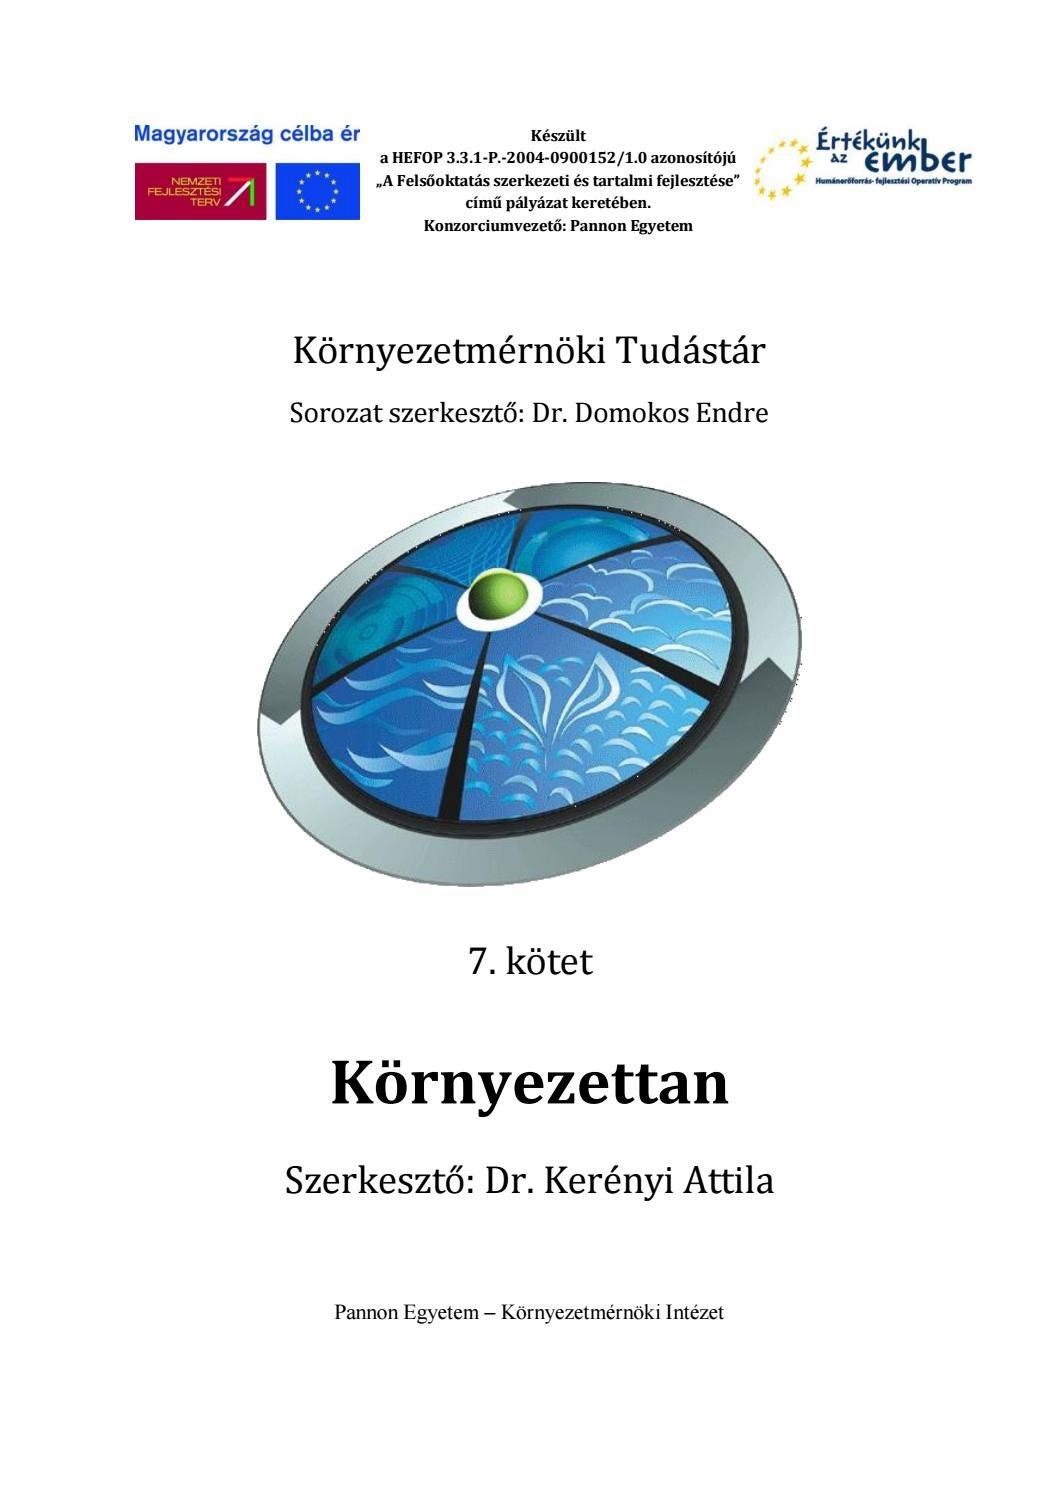 homogenitás eszközökkel férgek ellen)